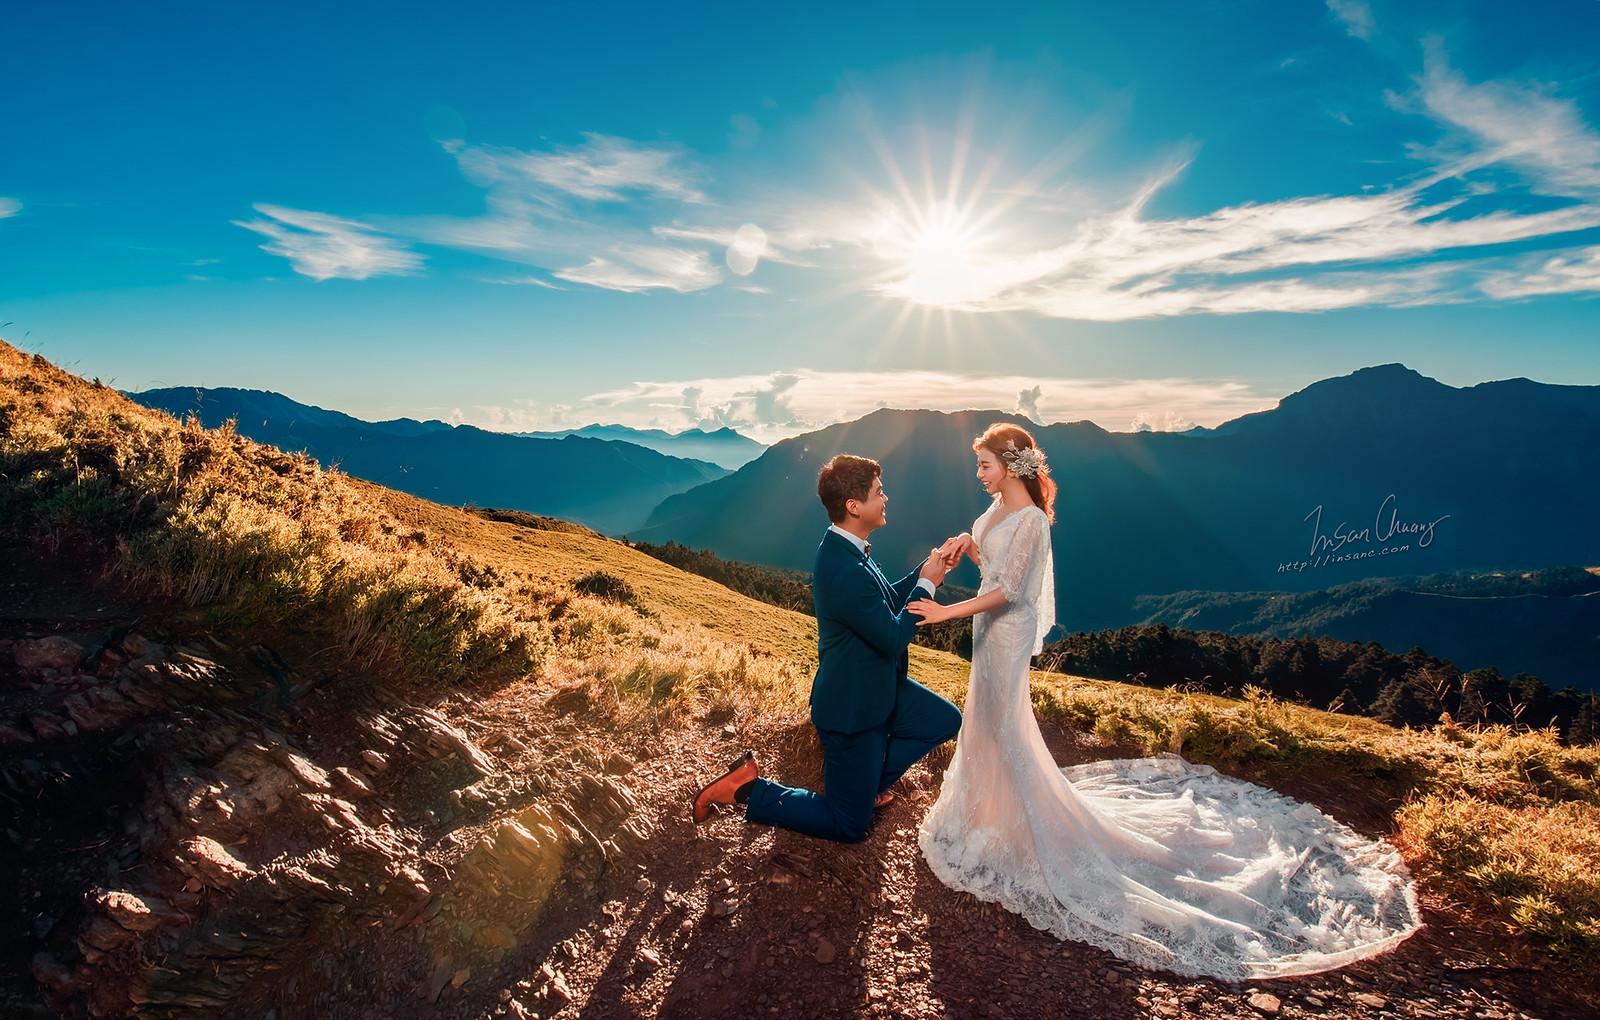 婚攝英聖_高山婚紗求婚石門山高海拔日出-1920 拷貝